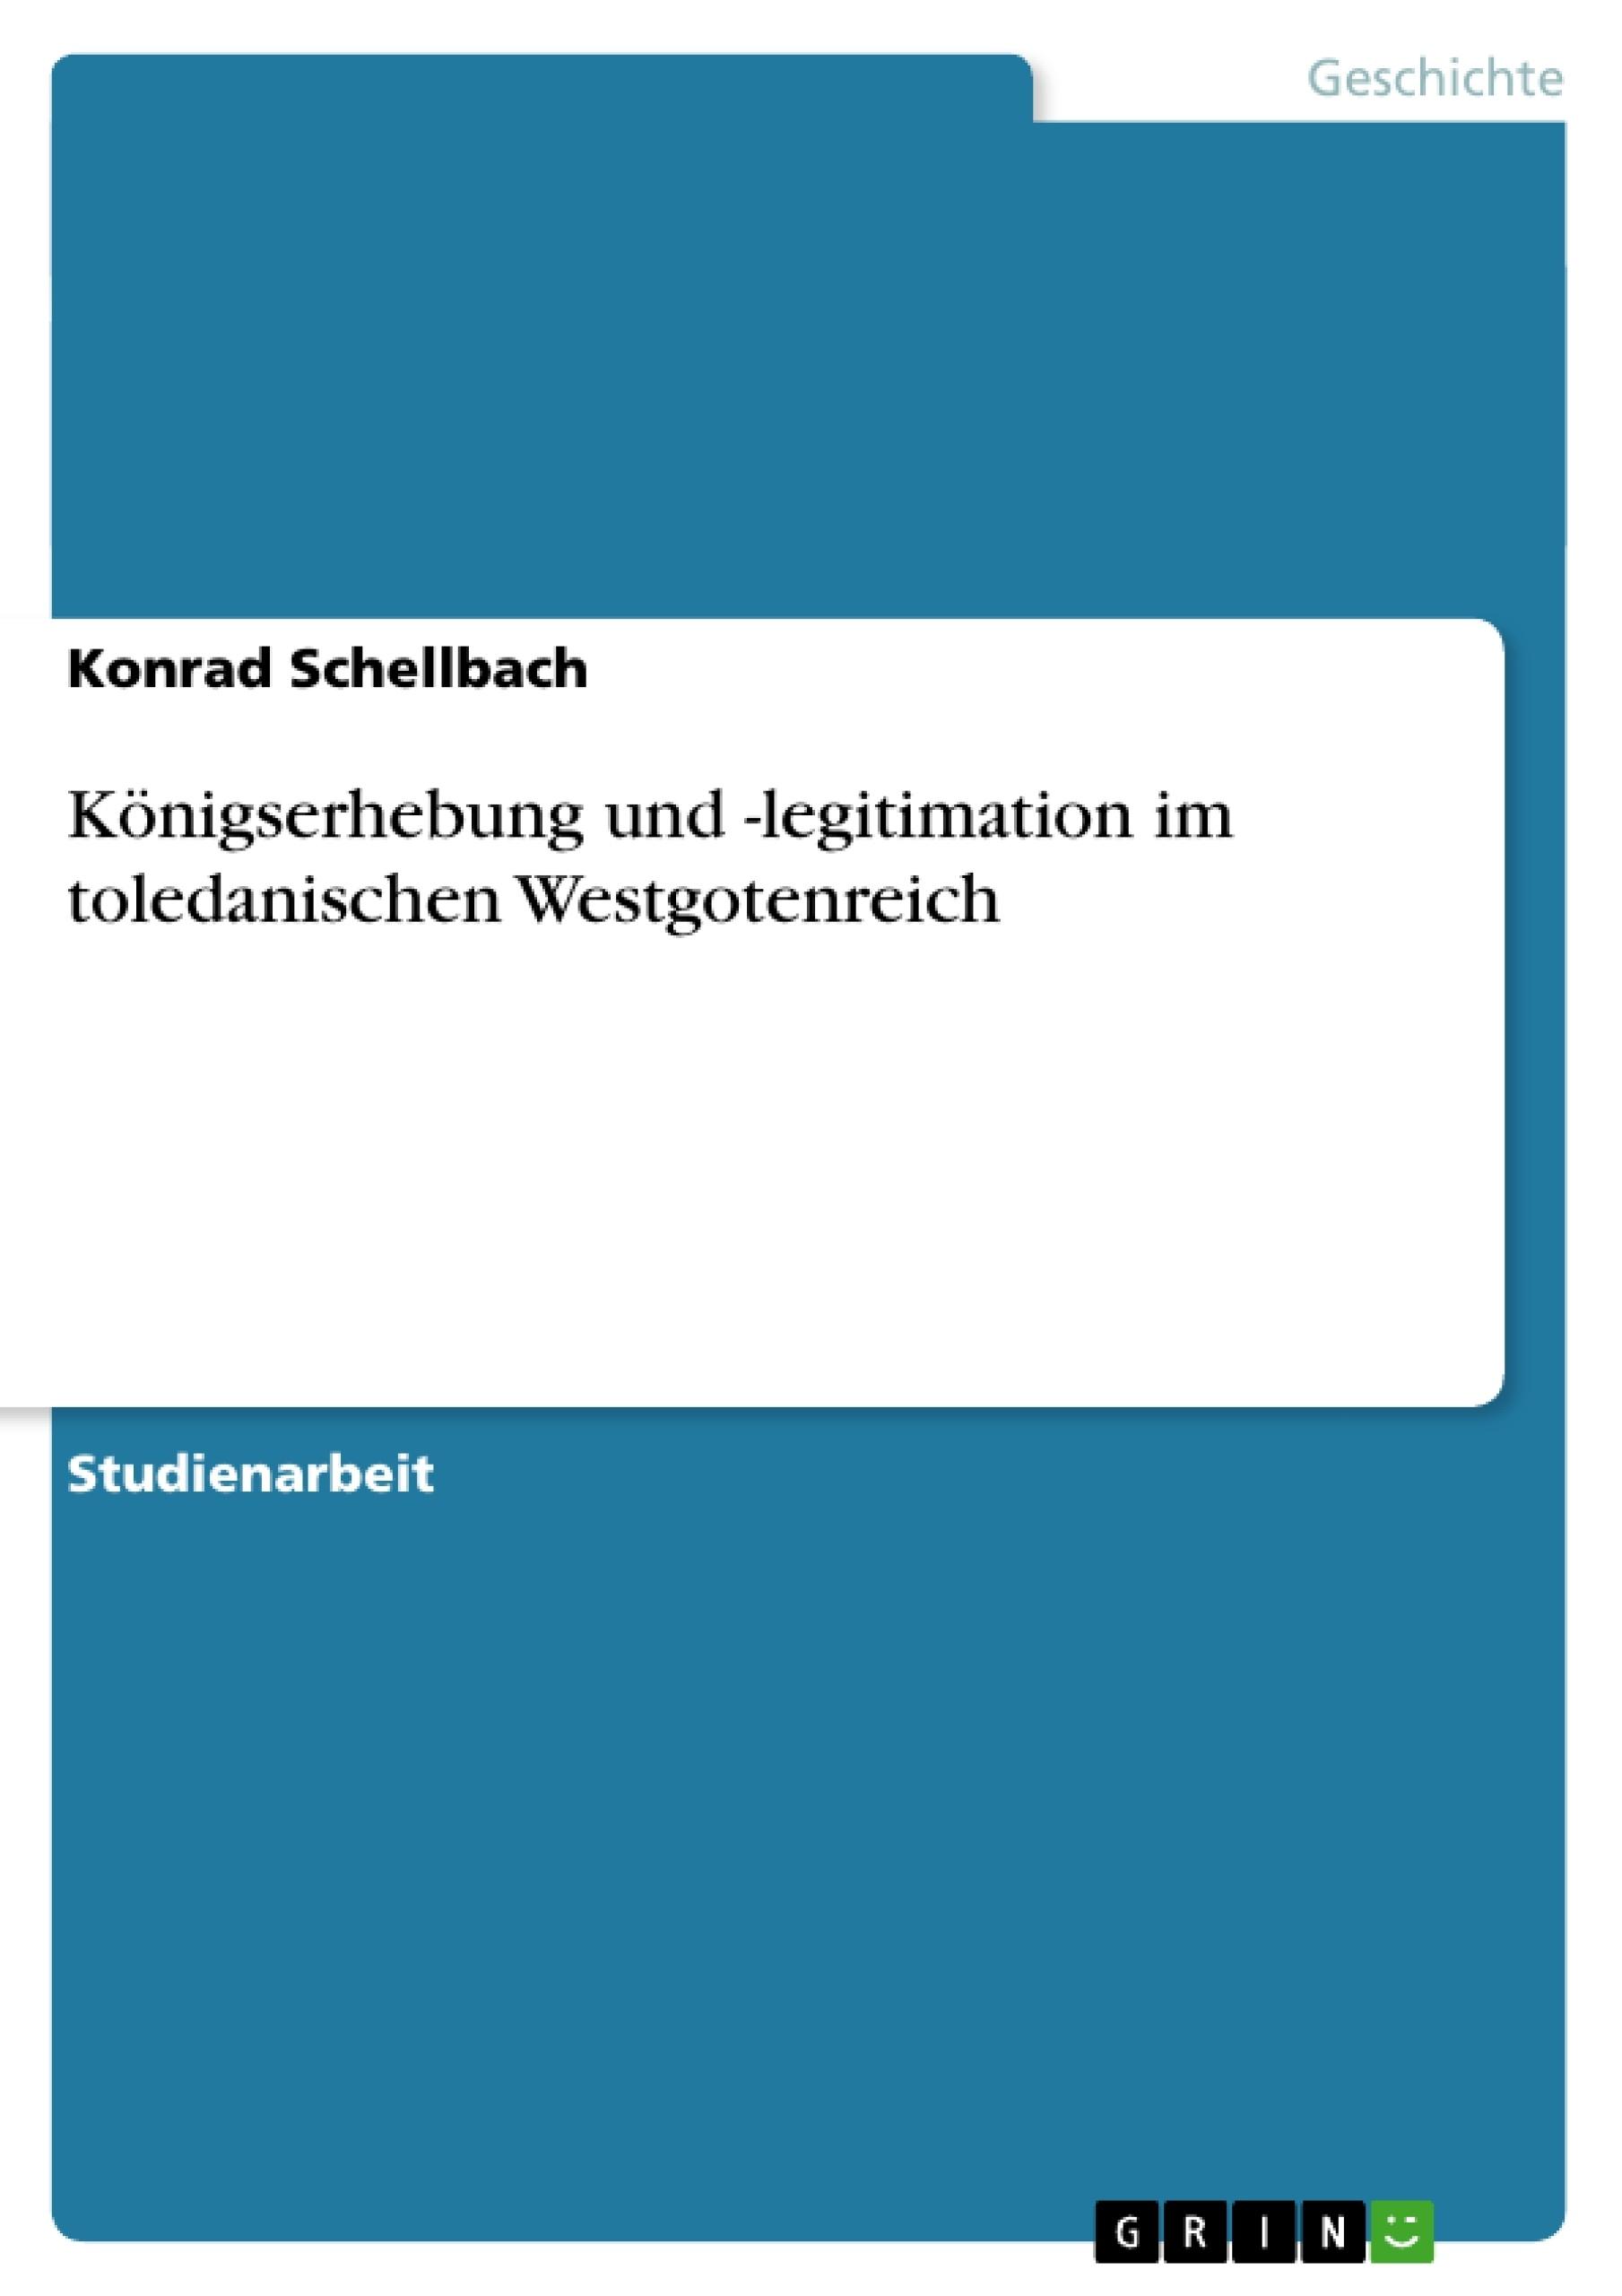 Titel: Königserhebung und -legitimation im toledanischen Westgotenreich